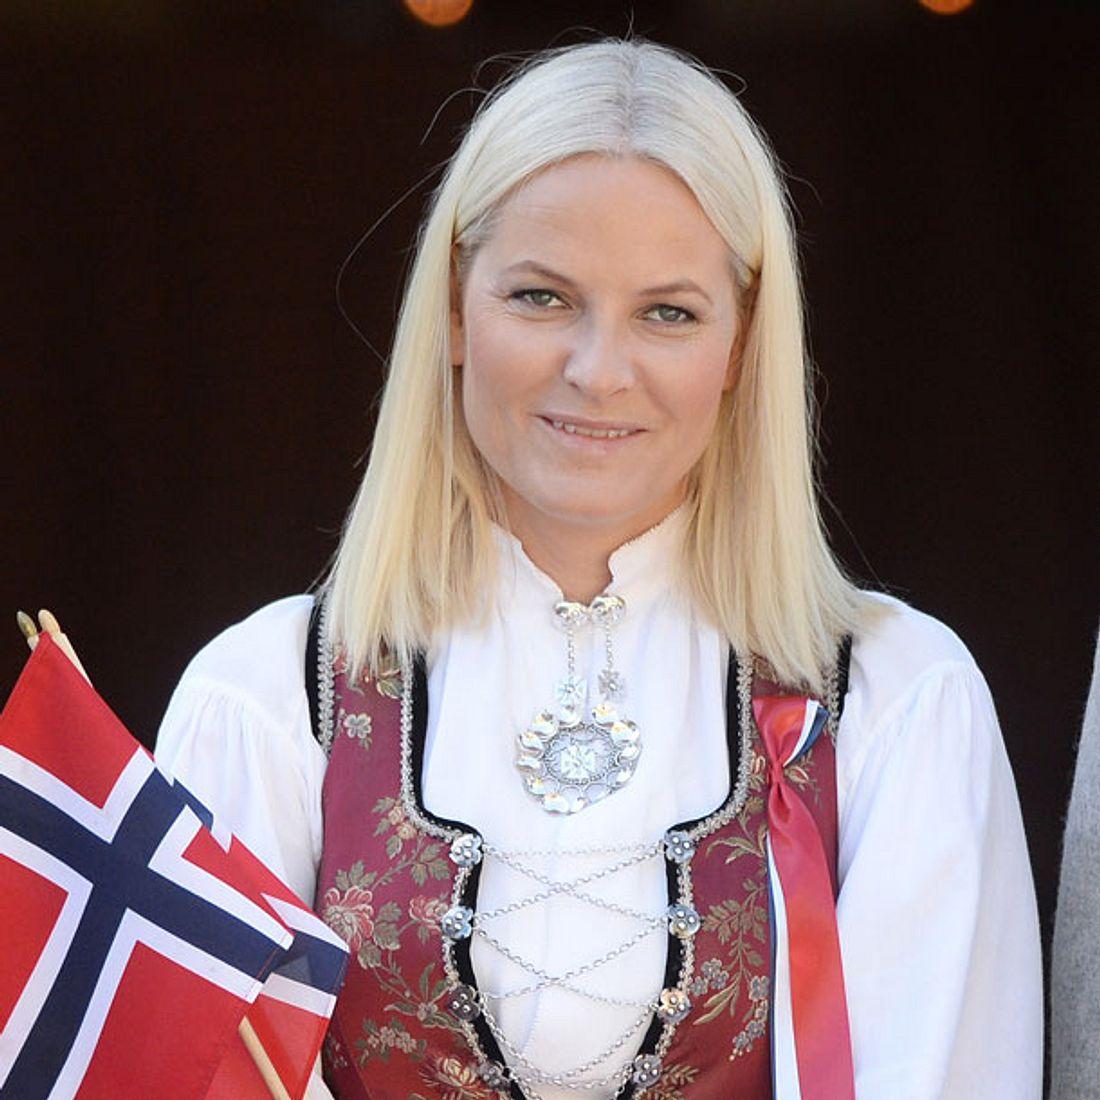 Platz 3: Mette-Marit von Norwegen